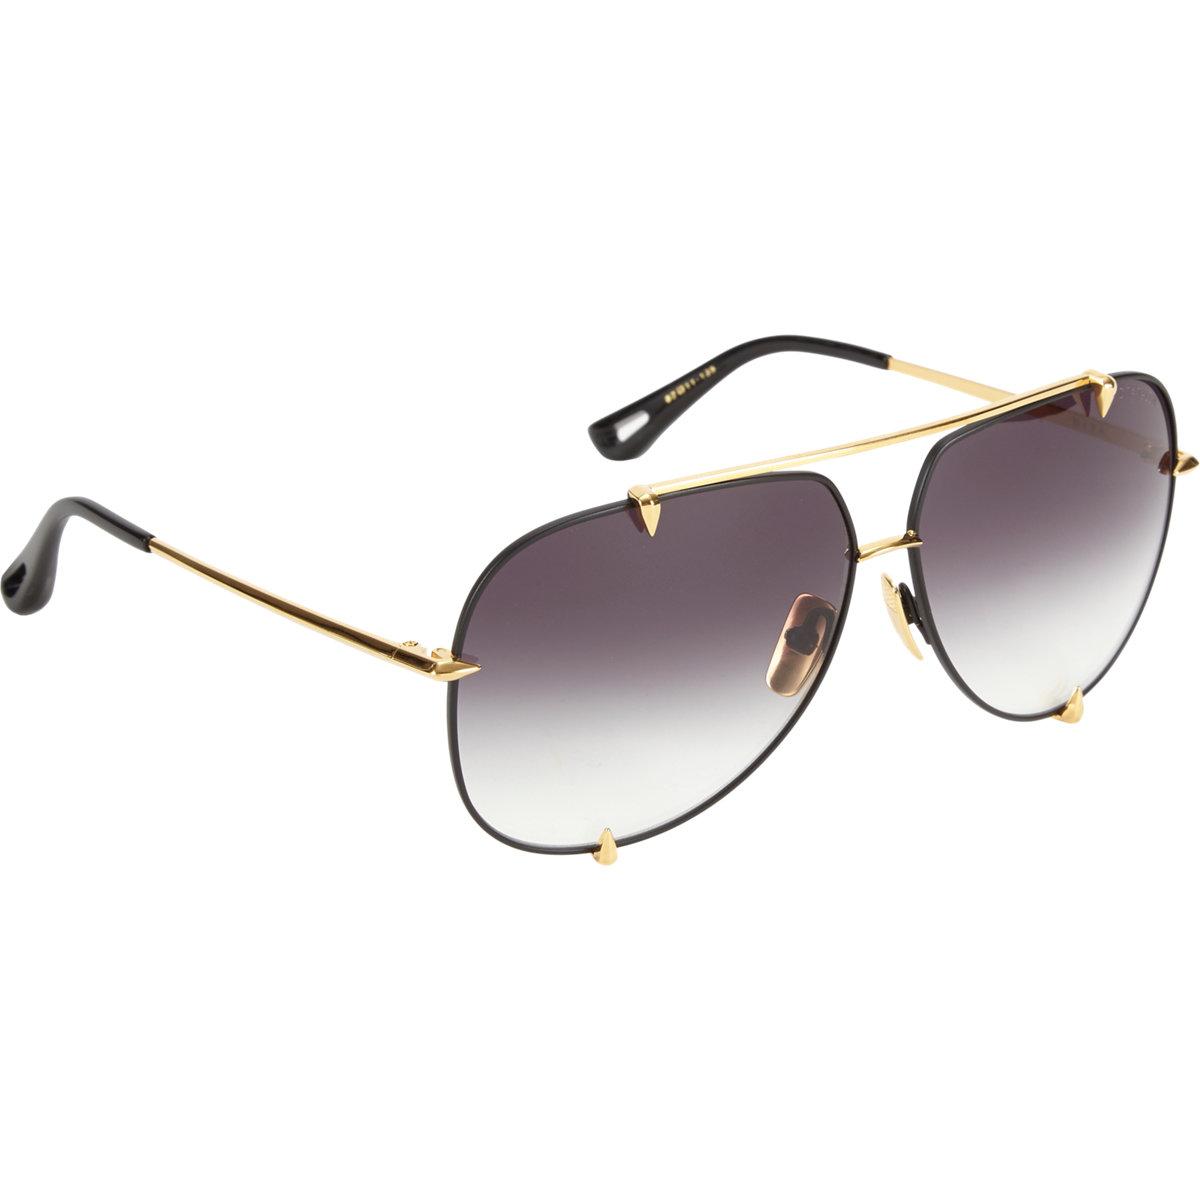 4b0b5ec19 DITA Talon Aviator Sunglasses in Metallic - Lyst